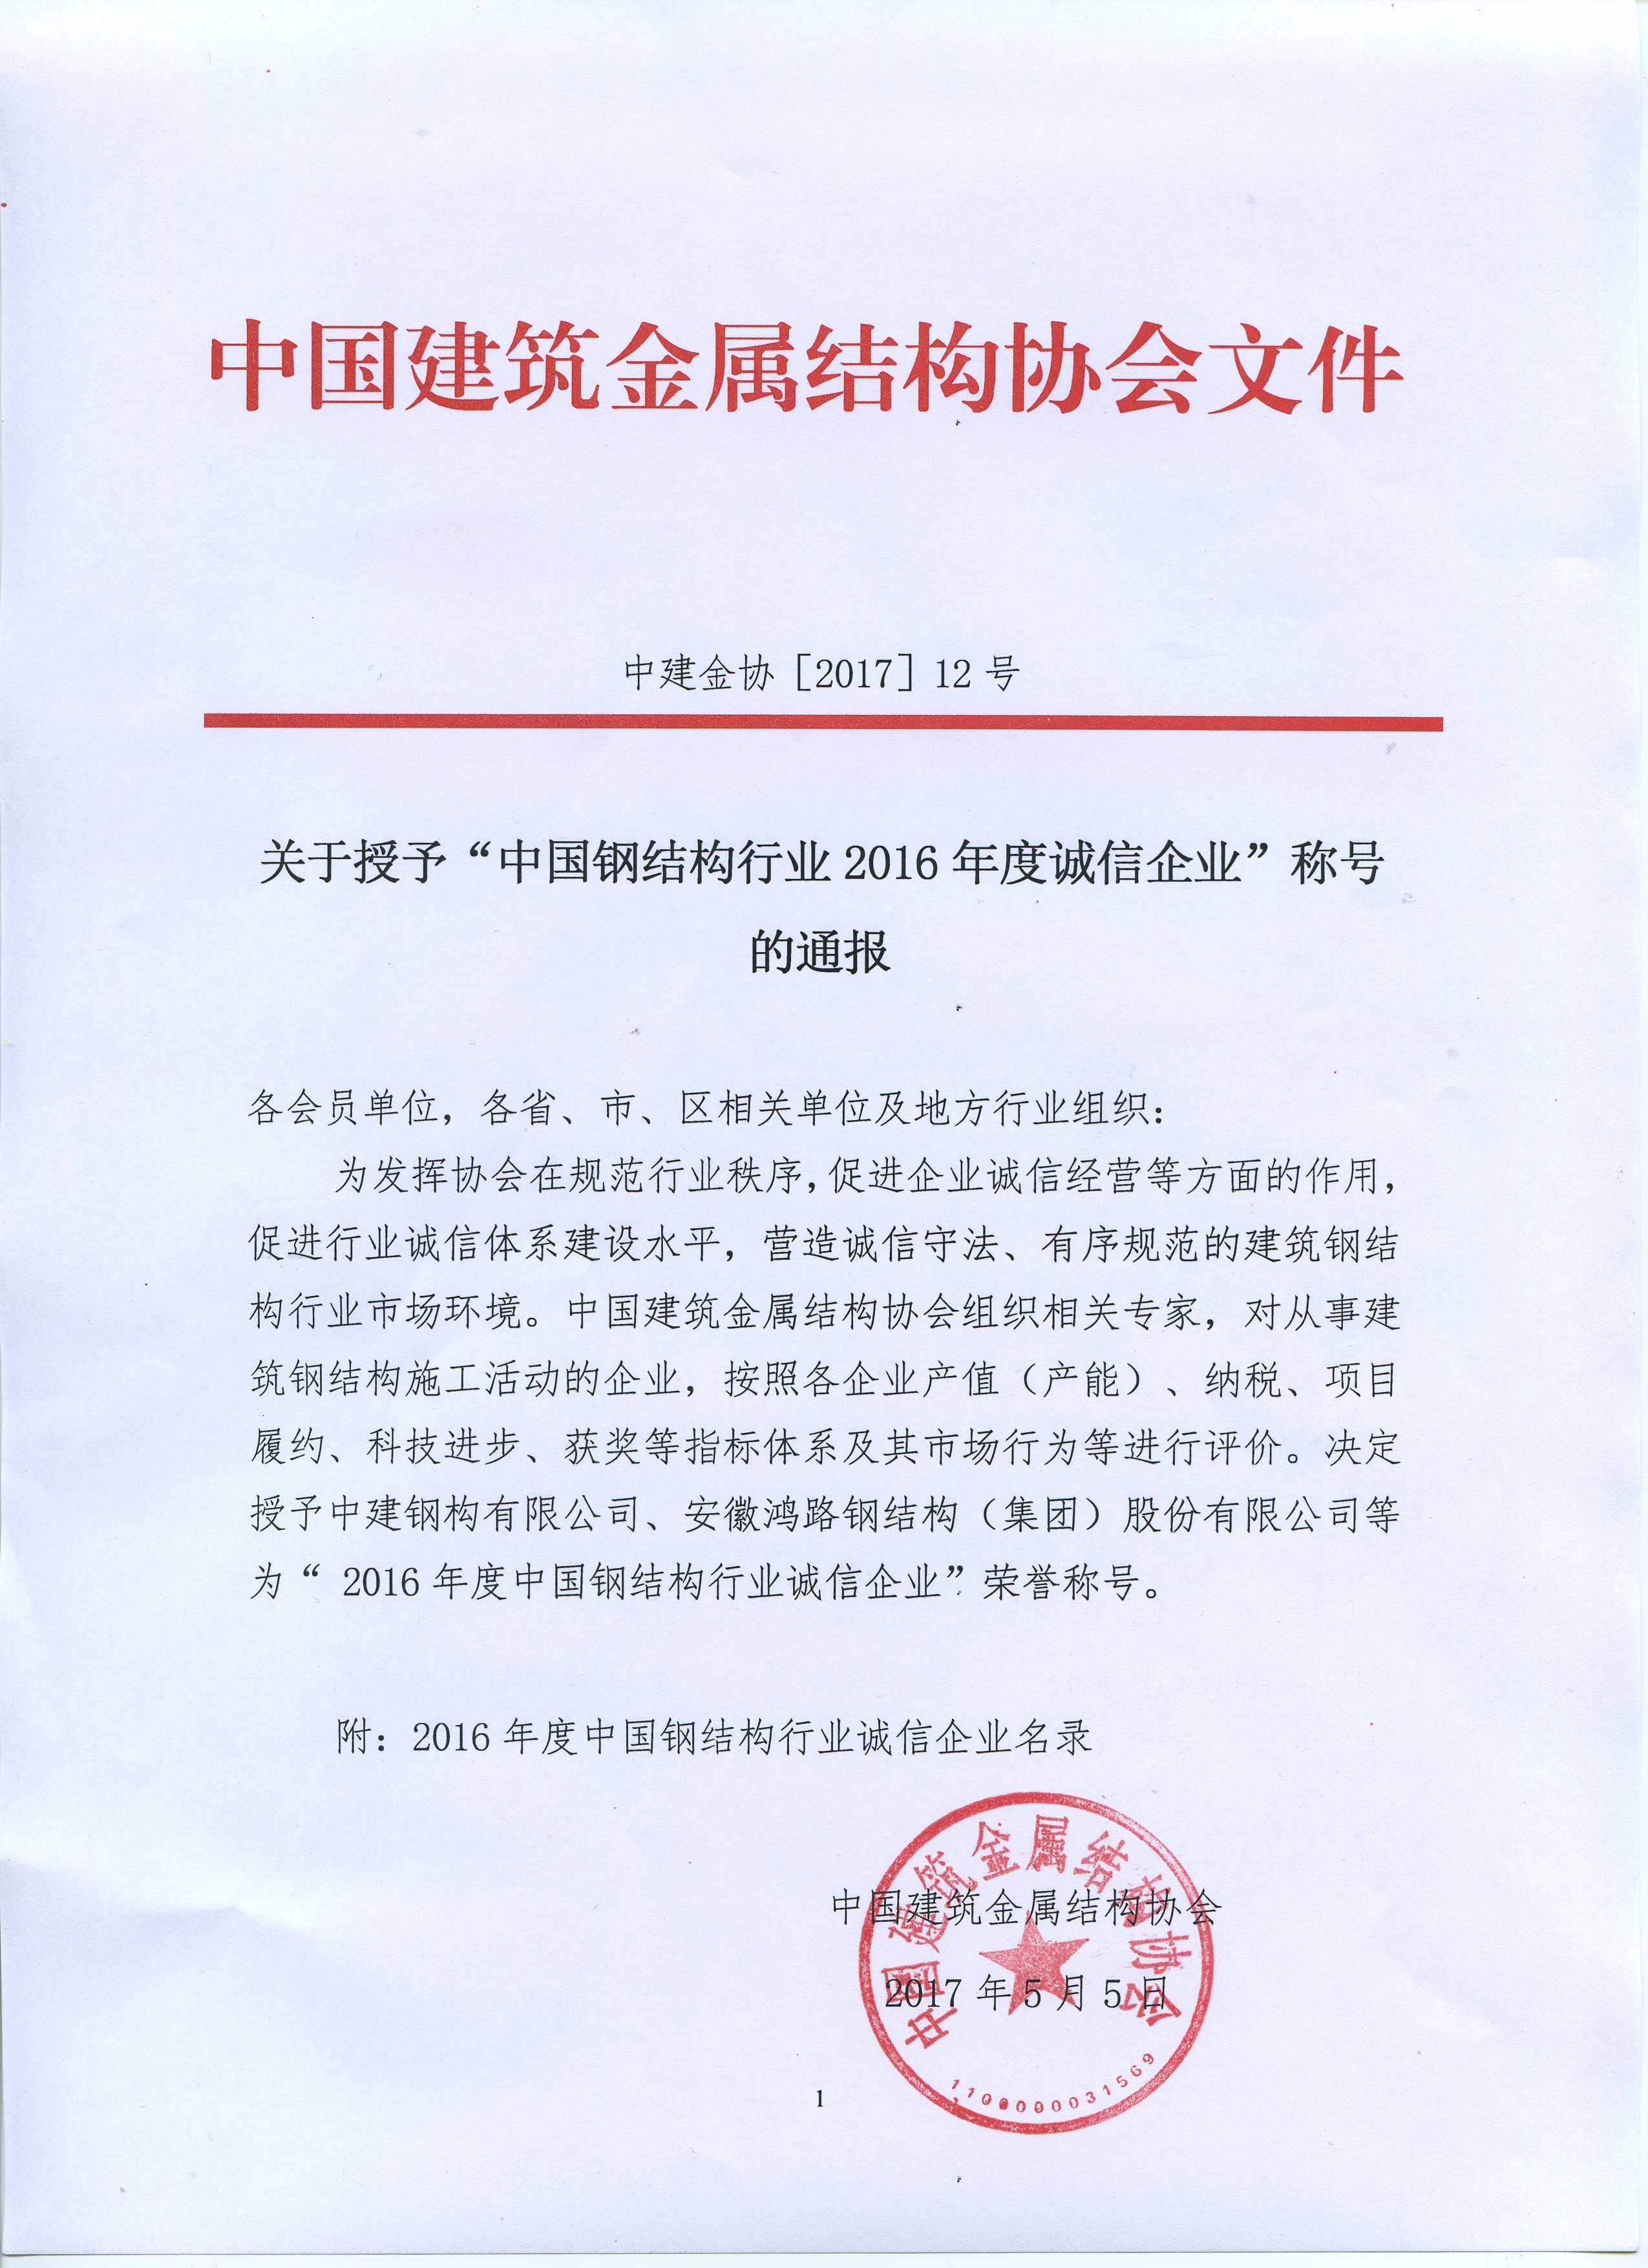 关于授予中国建筑钢结构行业2016年度诚信(5